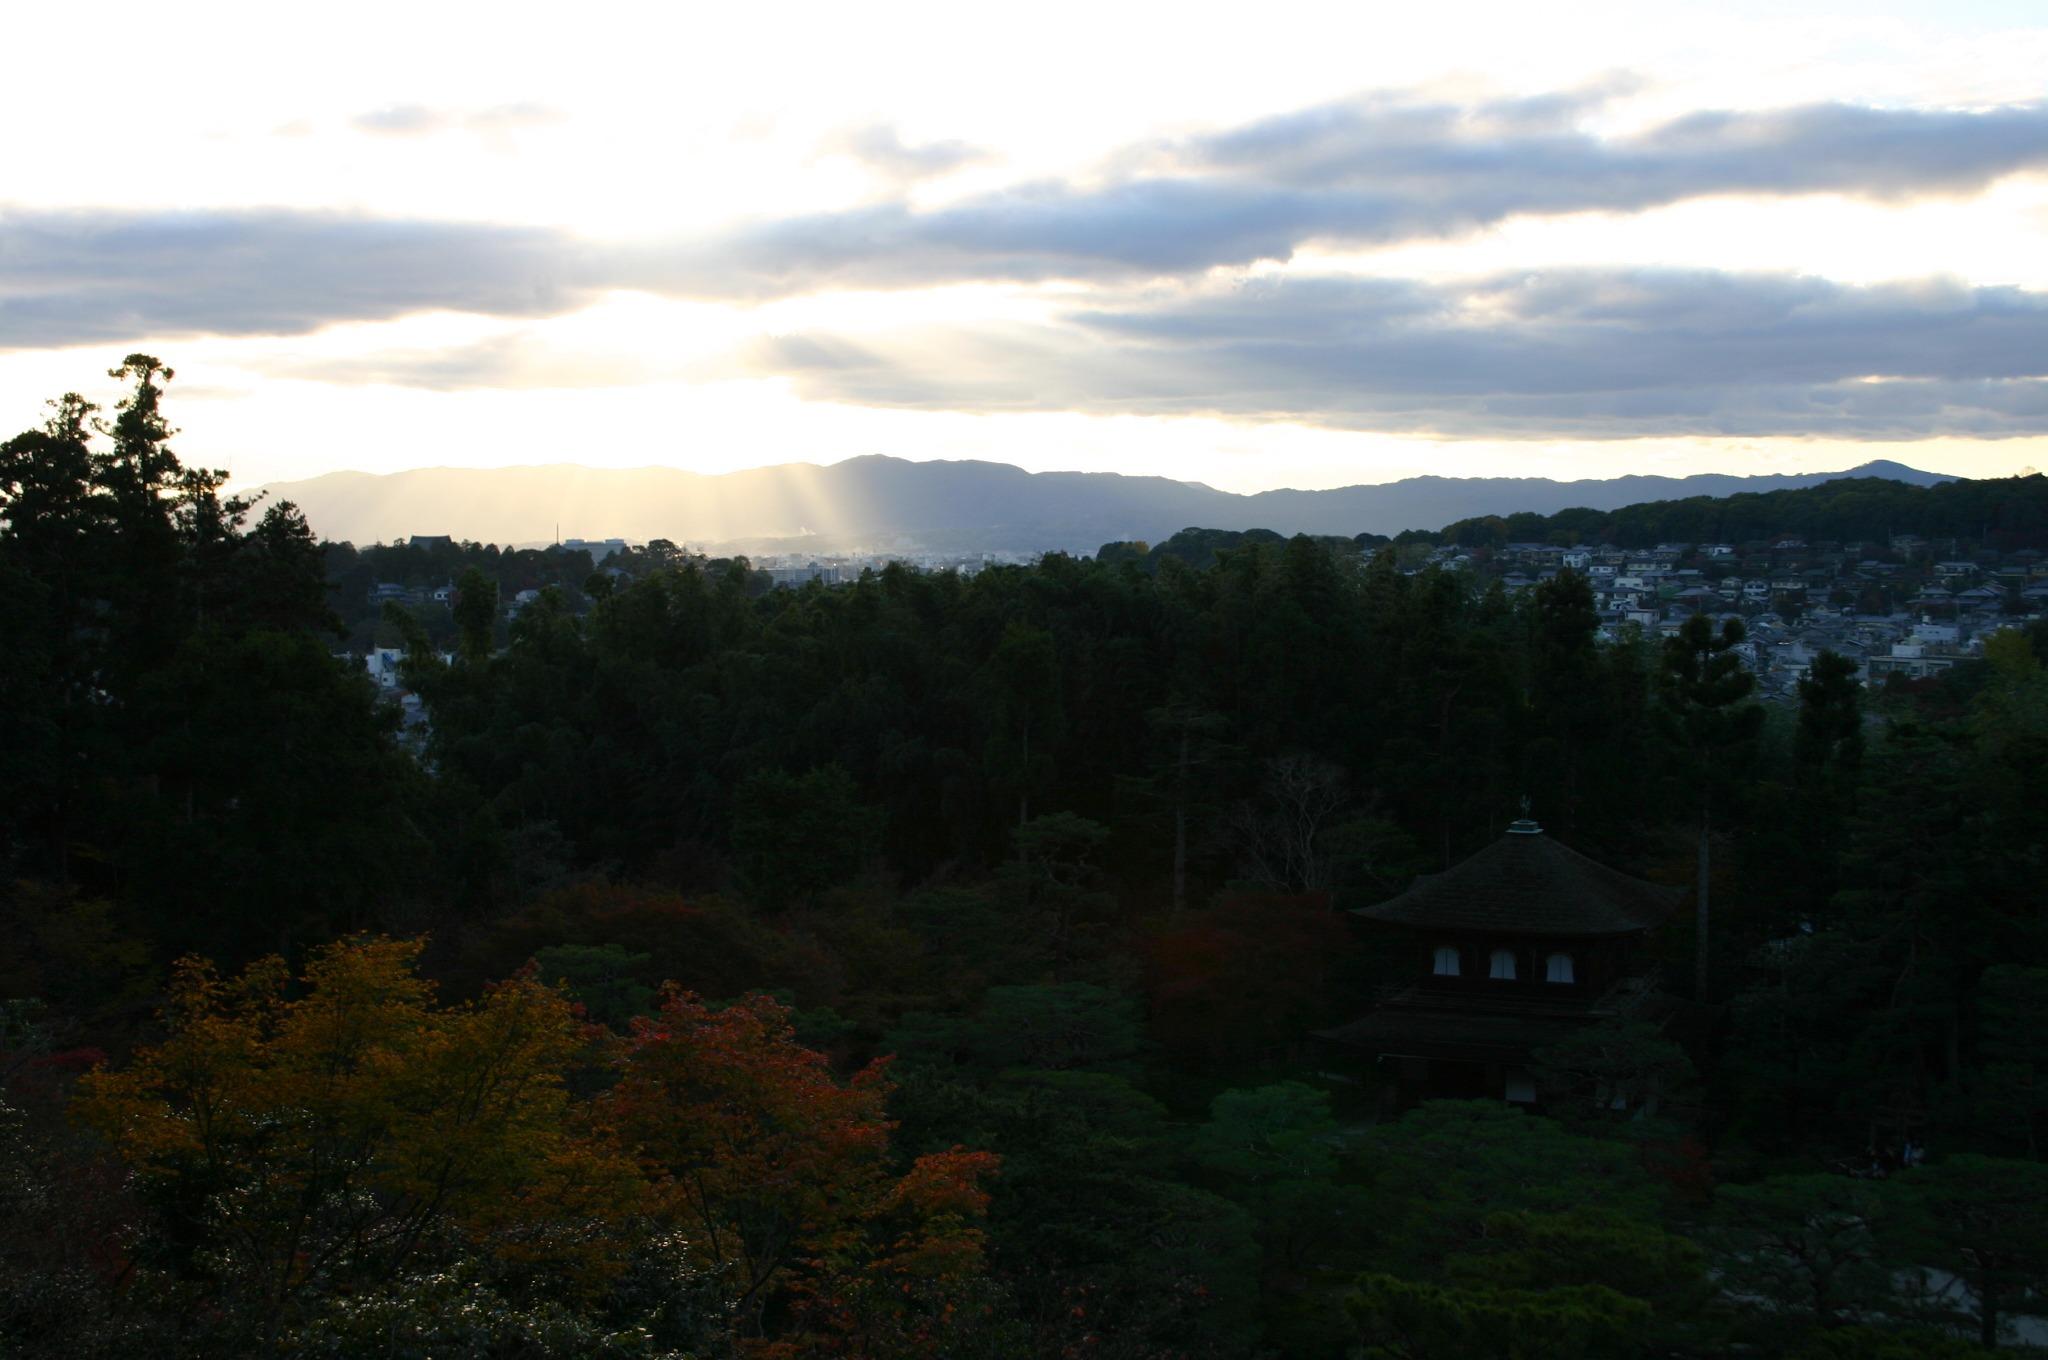 銀閣寺(東山慈照寺)の山より